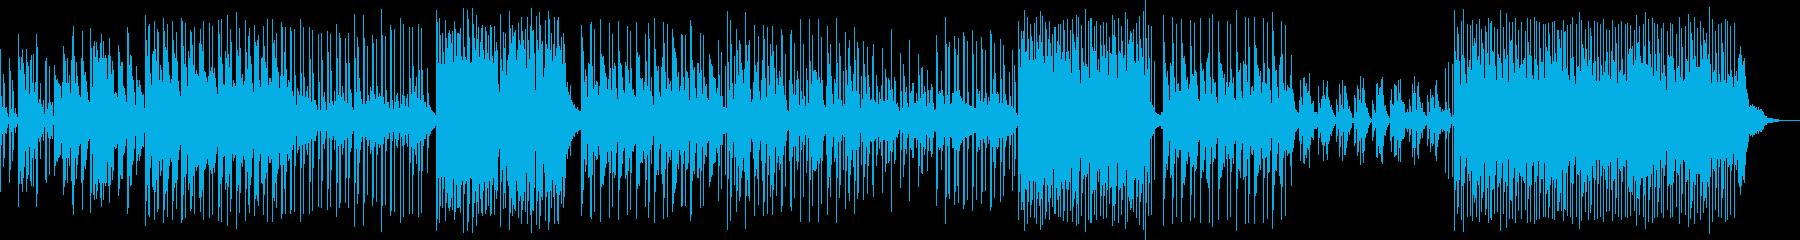 和風のゆったりとした雰囲気のBGMの再生済みの波形